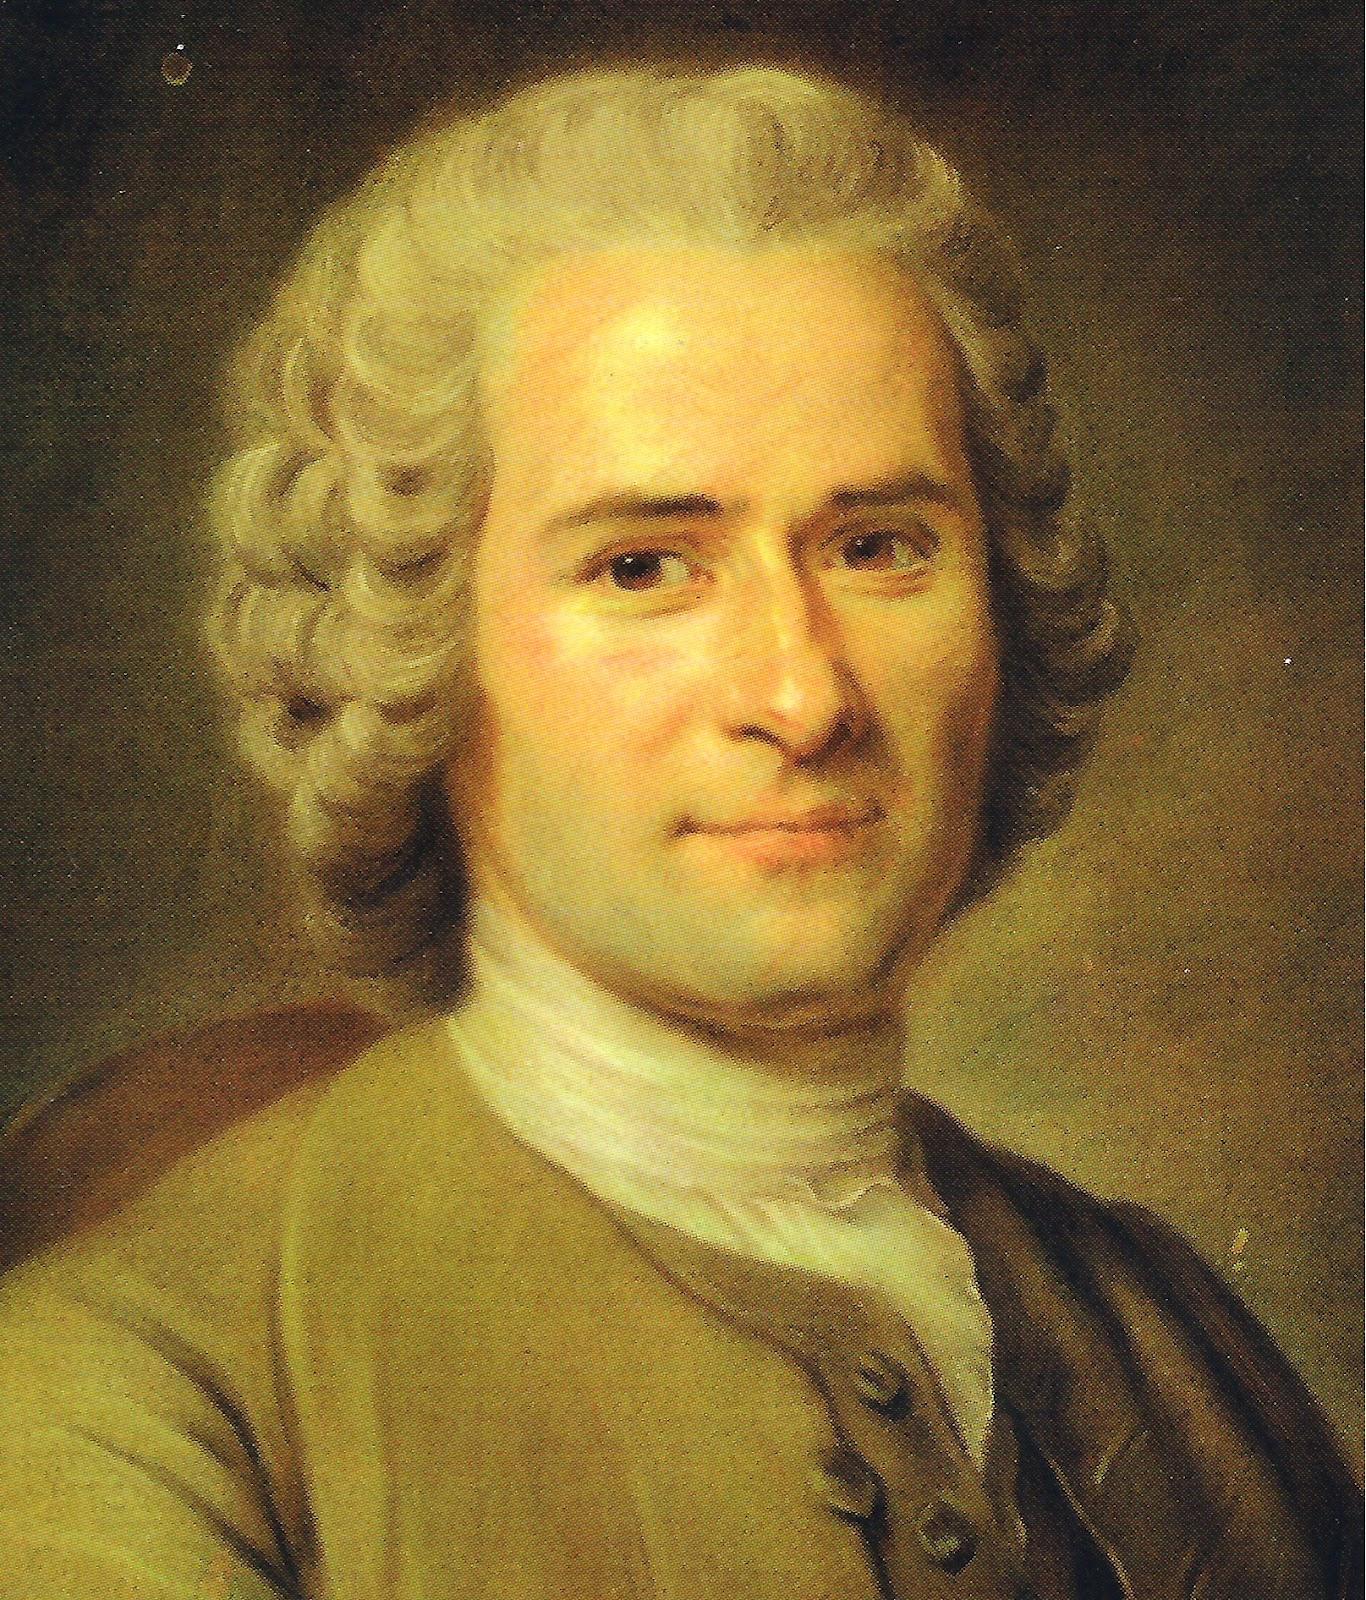 Manuel De Rivacoba: El Revolucionario Jean-Jacques